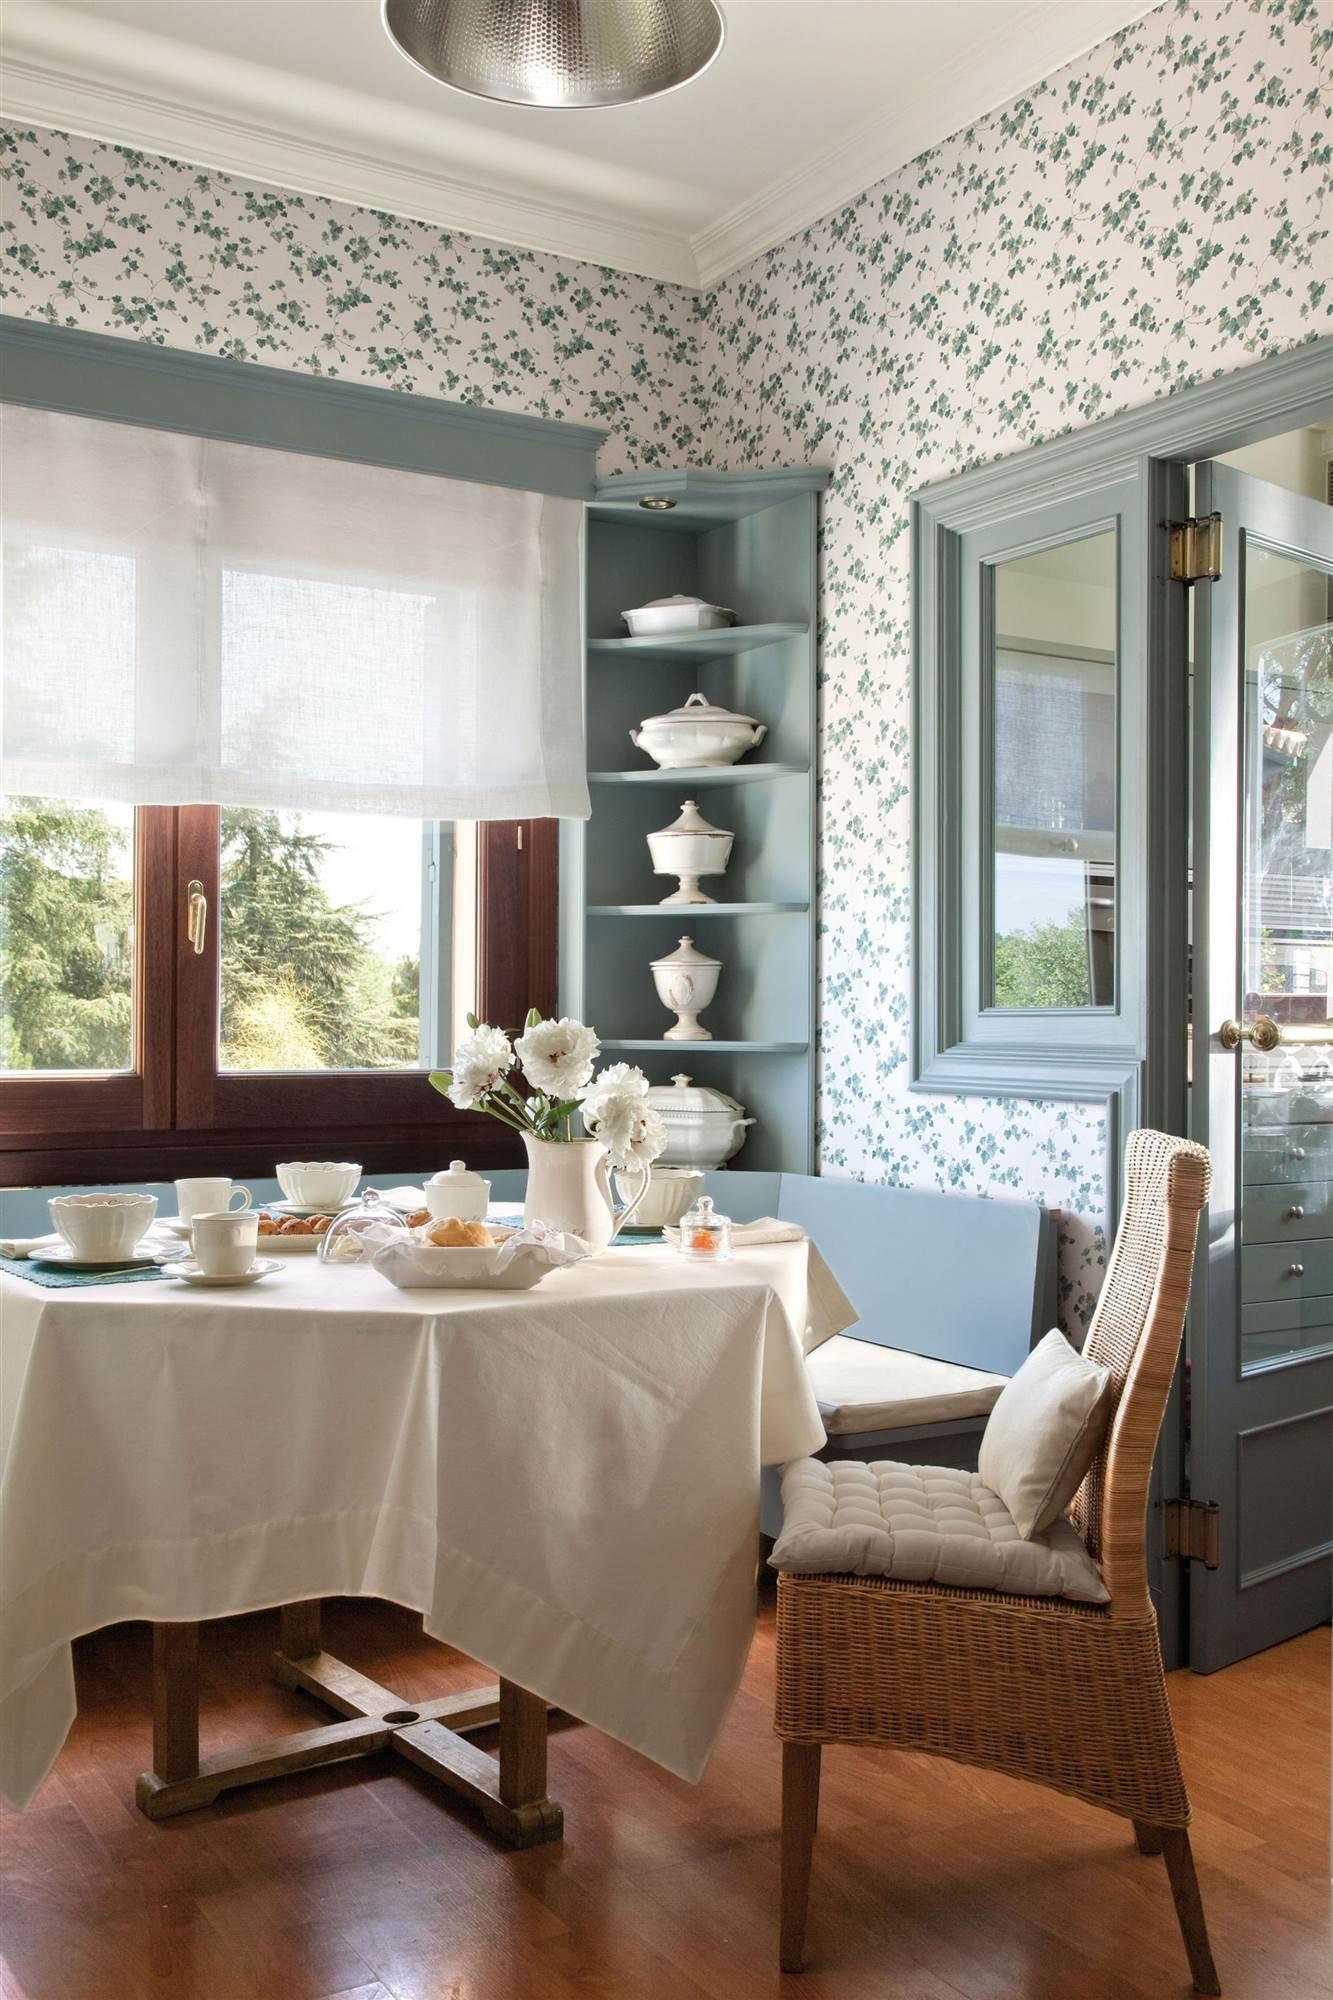 Pintura o papel pintado qu es mejor y pros y contras for Papel pintado cocina ikea